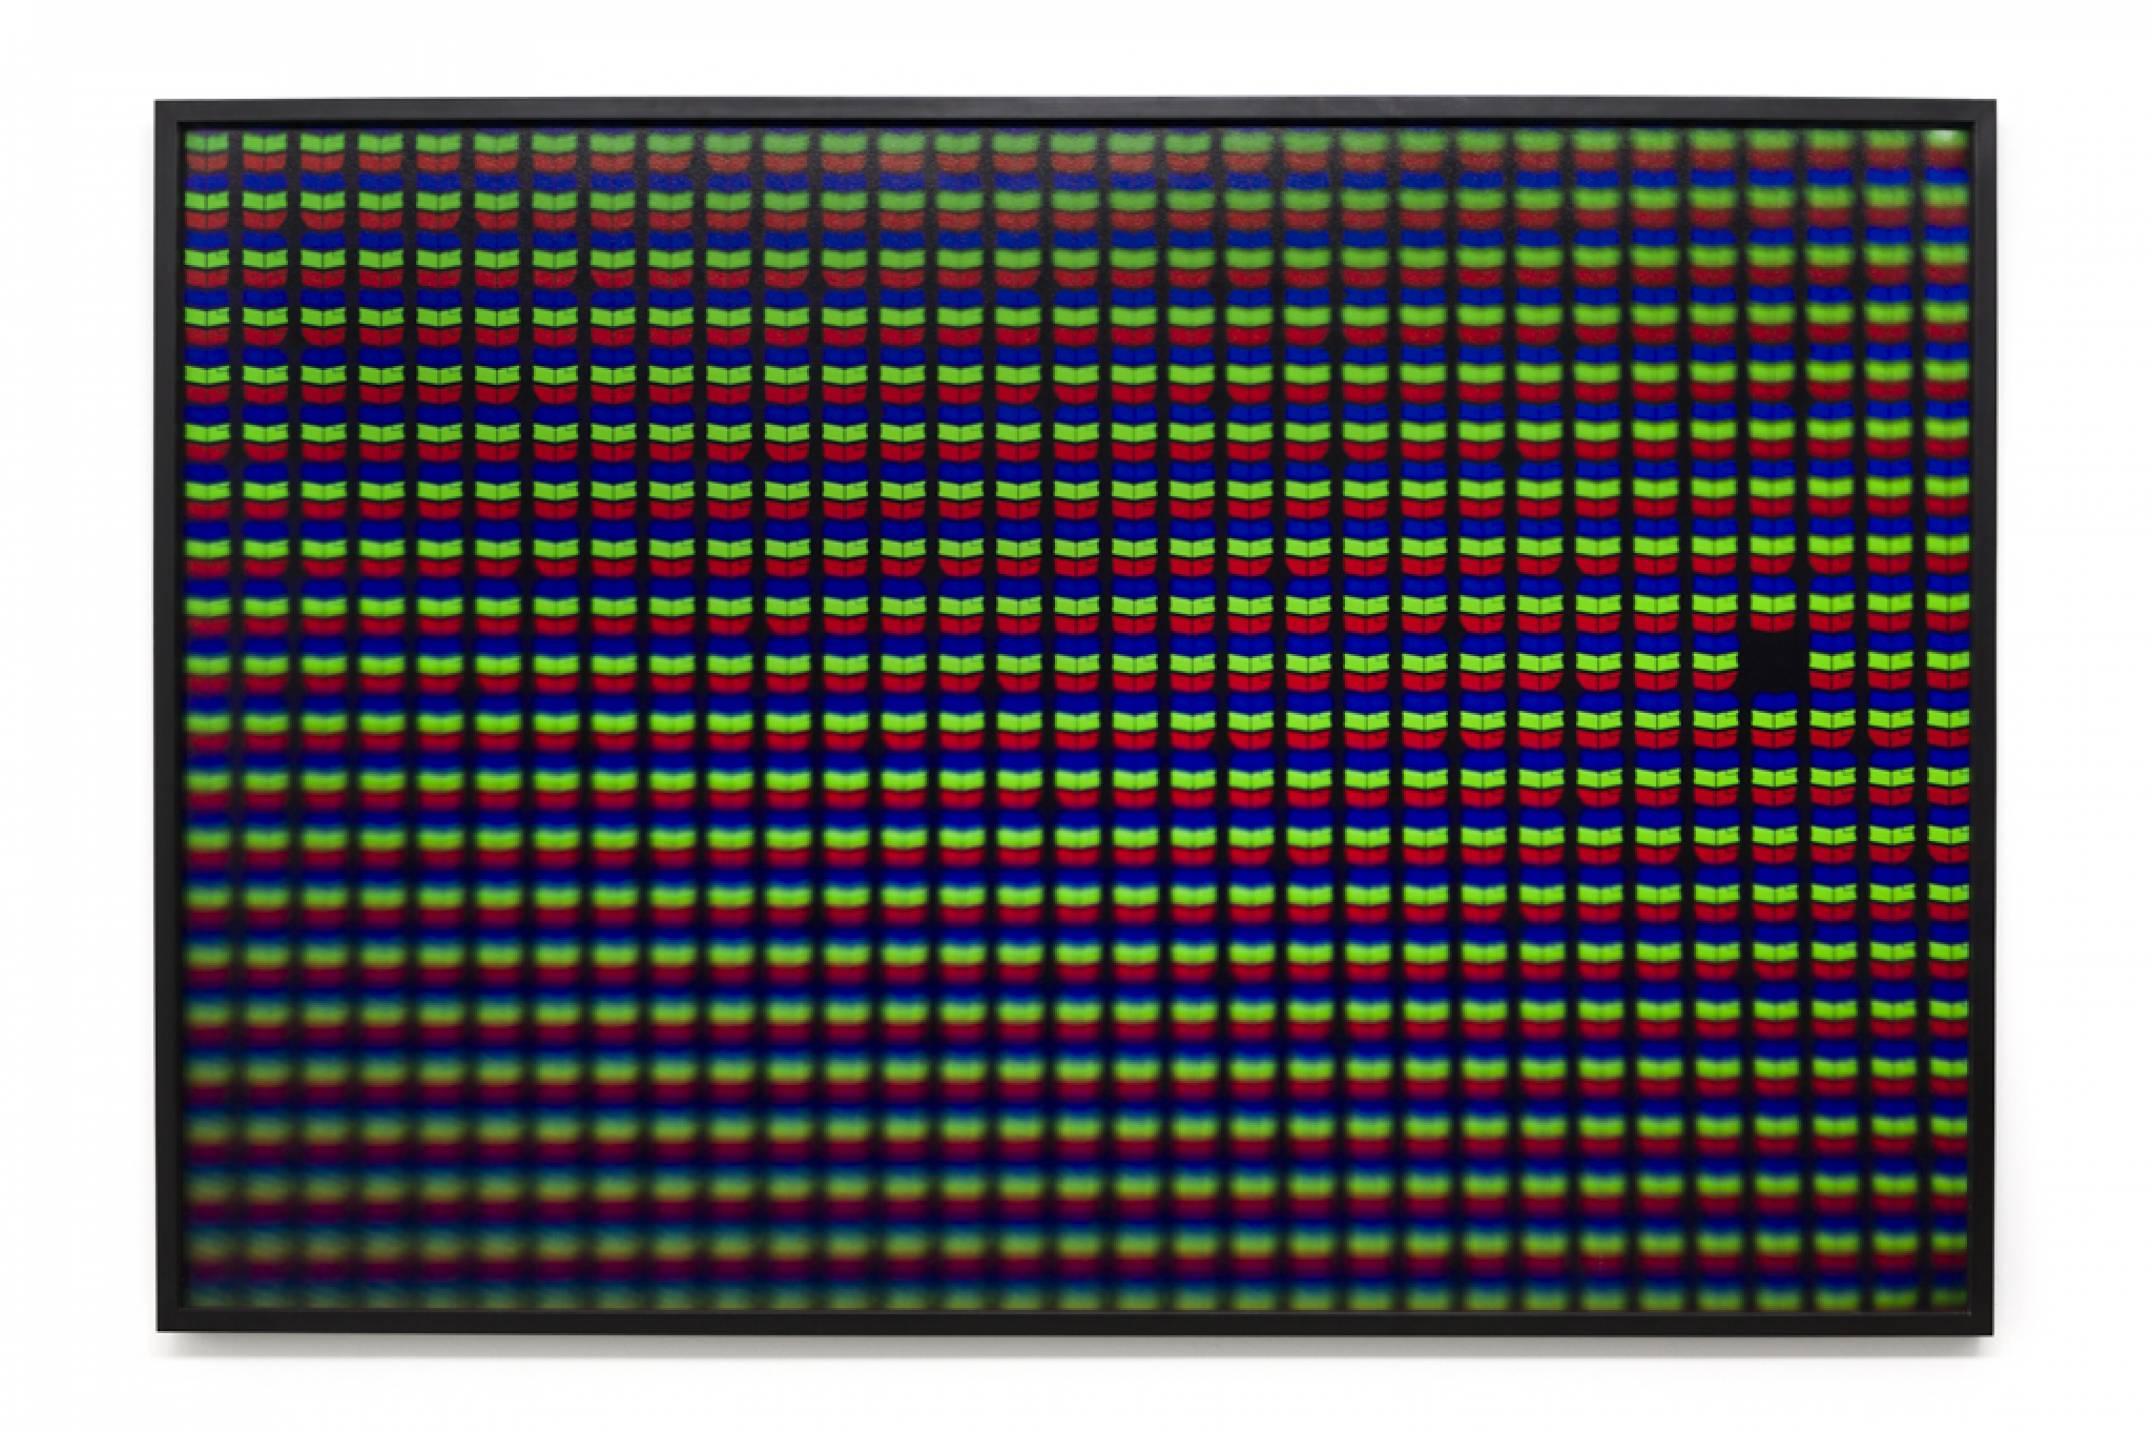 Roberto WInter,<em>Dead pixel (Iphone)</em>, 2017, printing inkjet on paper Hahnemühle FineArt Baryta, 110 × 165 cm - Mendes Wood DM